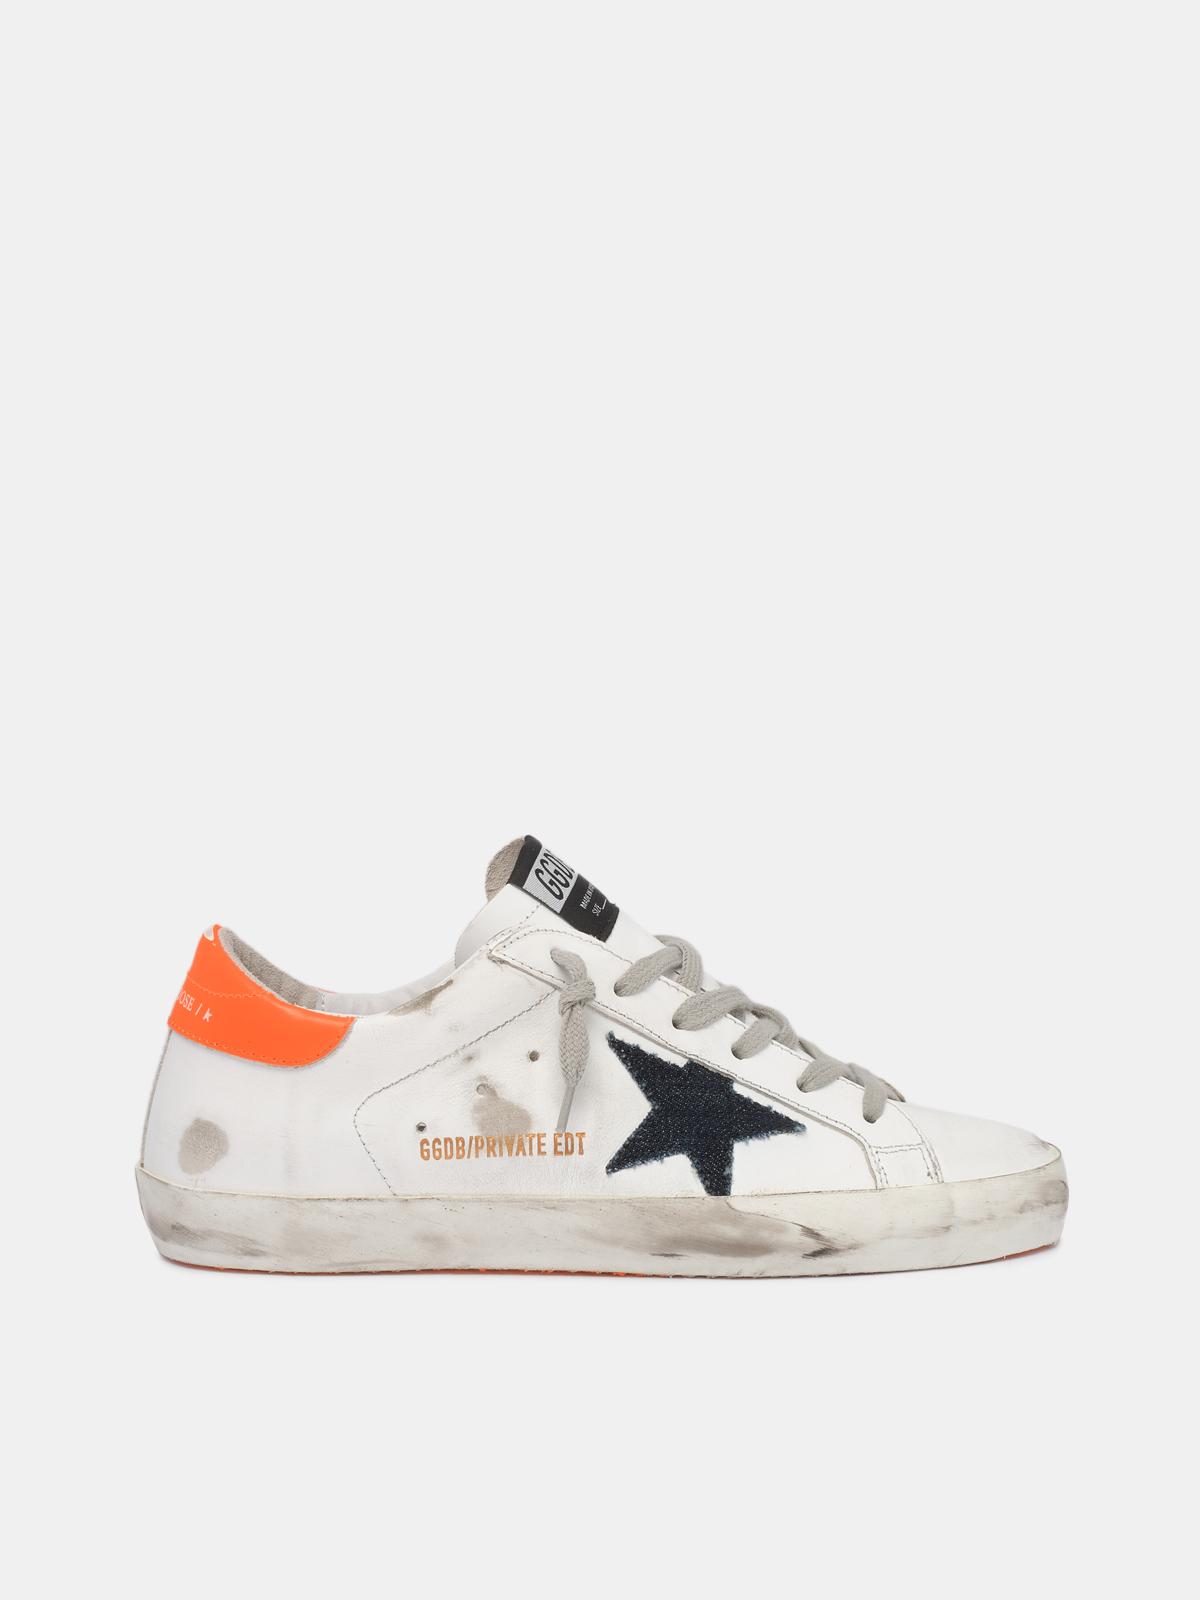 Golden Goose - Super-Star sneakers with orange heel tab   in